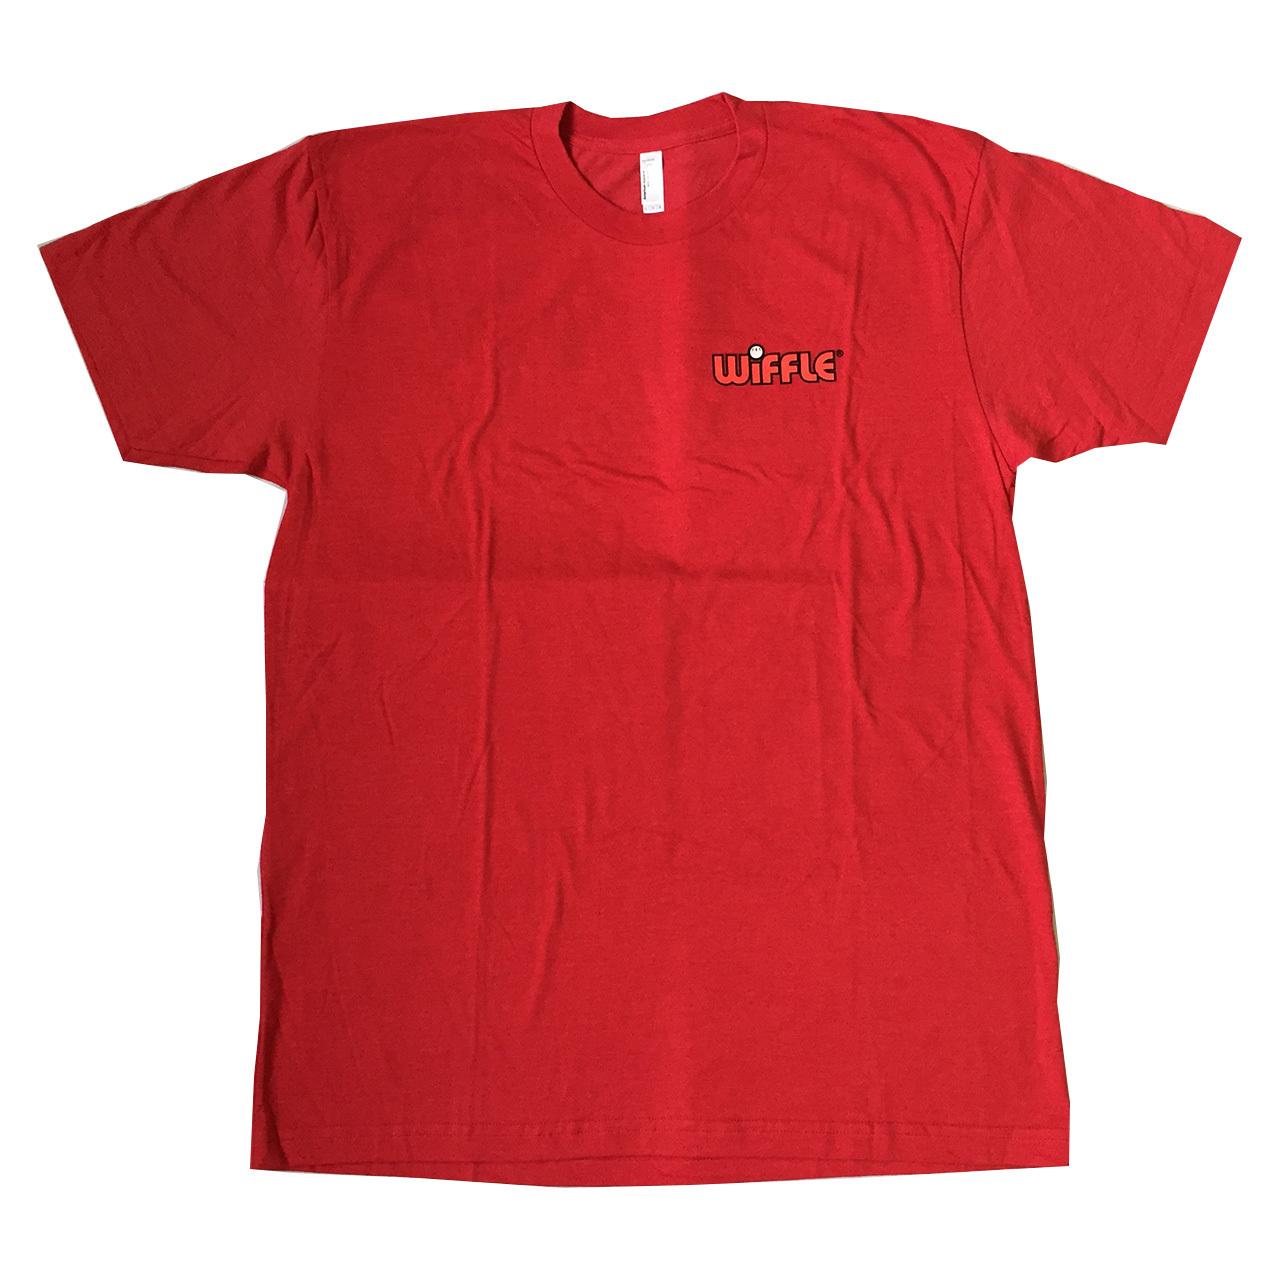 ウィッフルボール ロゴ入り Tシャツ レッド WIFFLE Ball